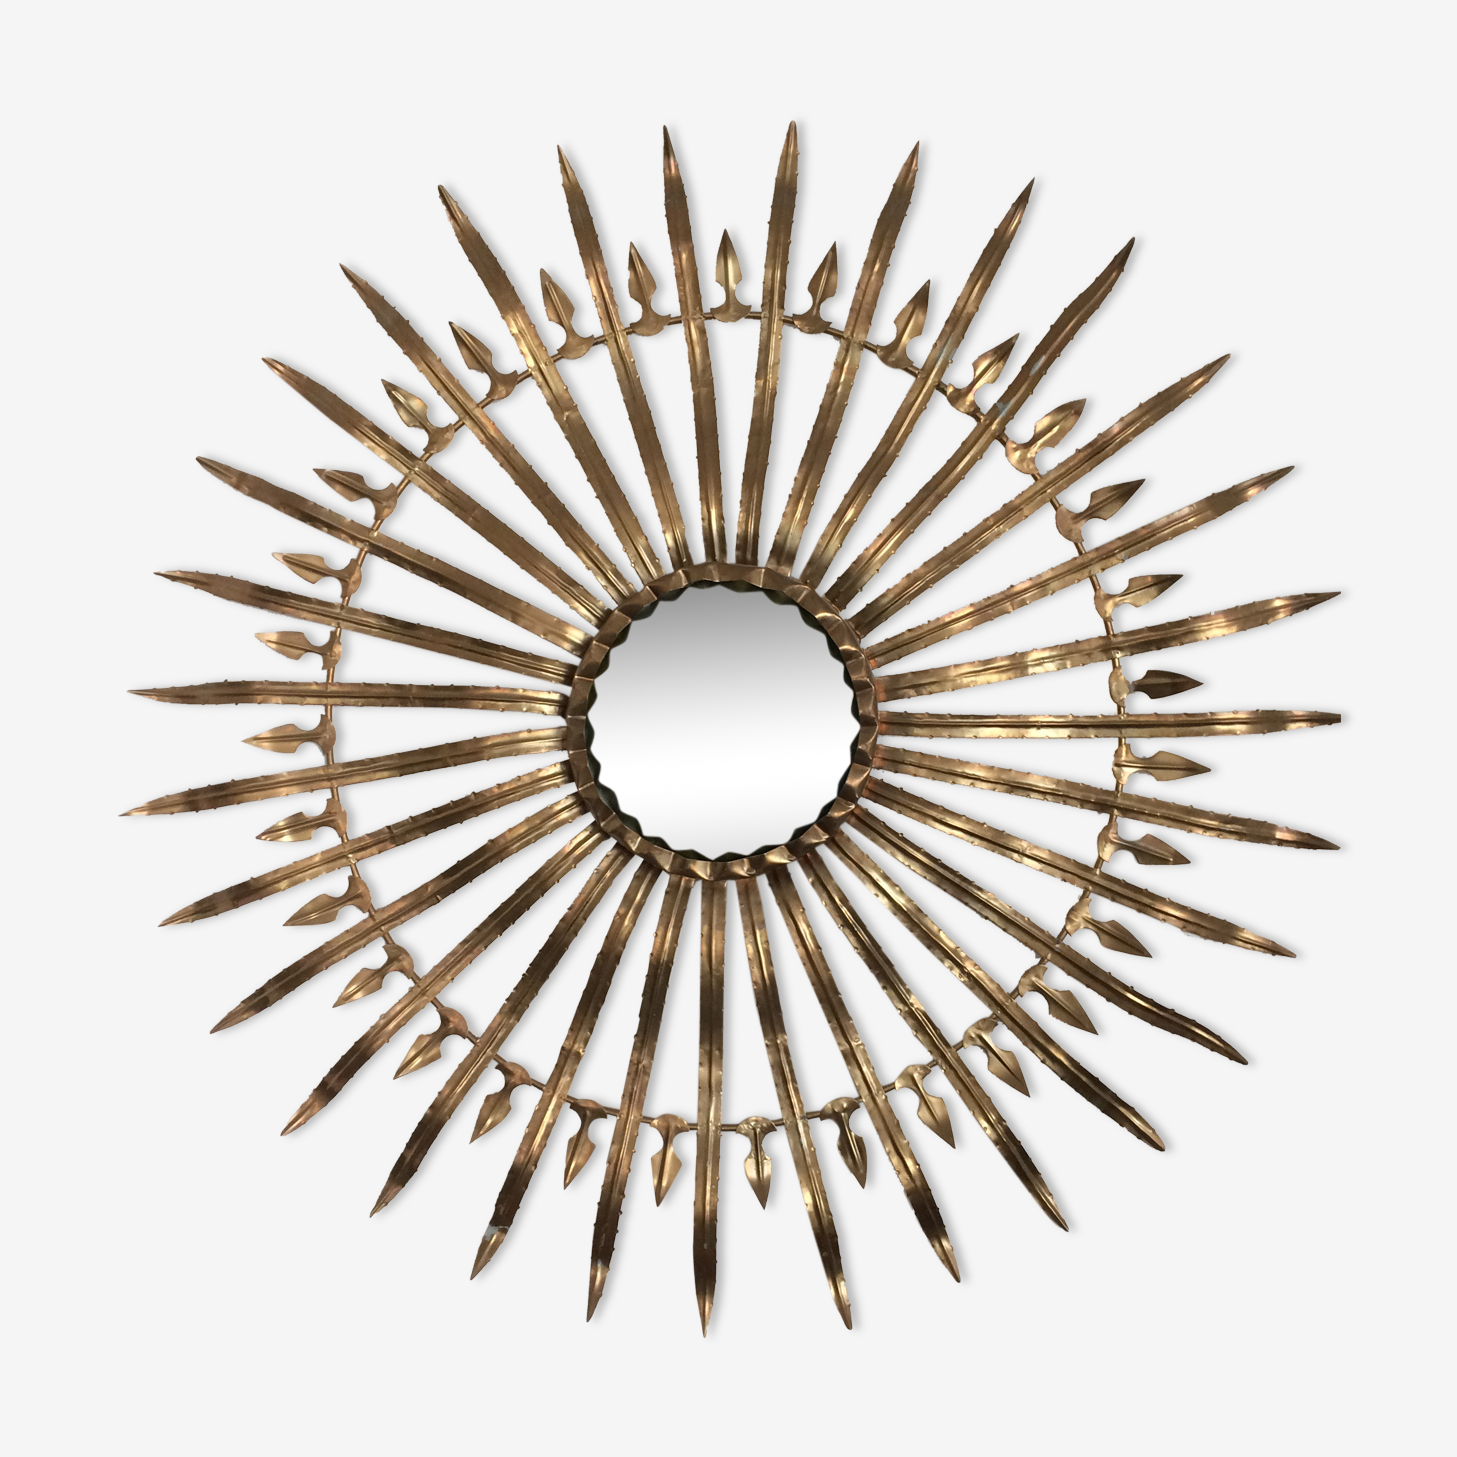 Très beau miroir sorcière alliage bronze et laiton diamètre 100cm